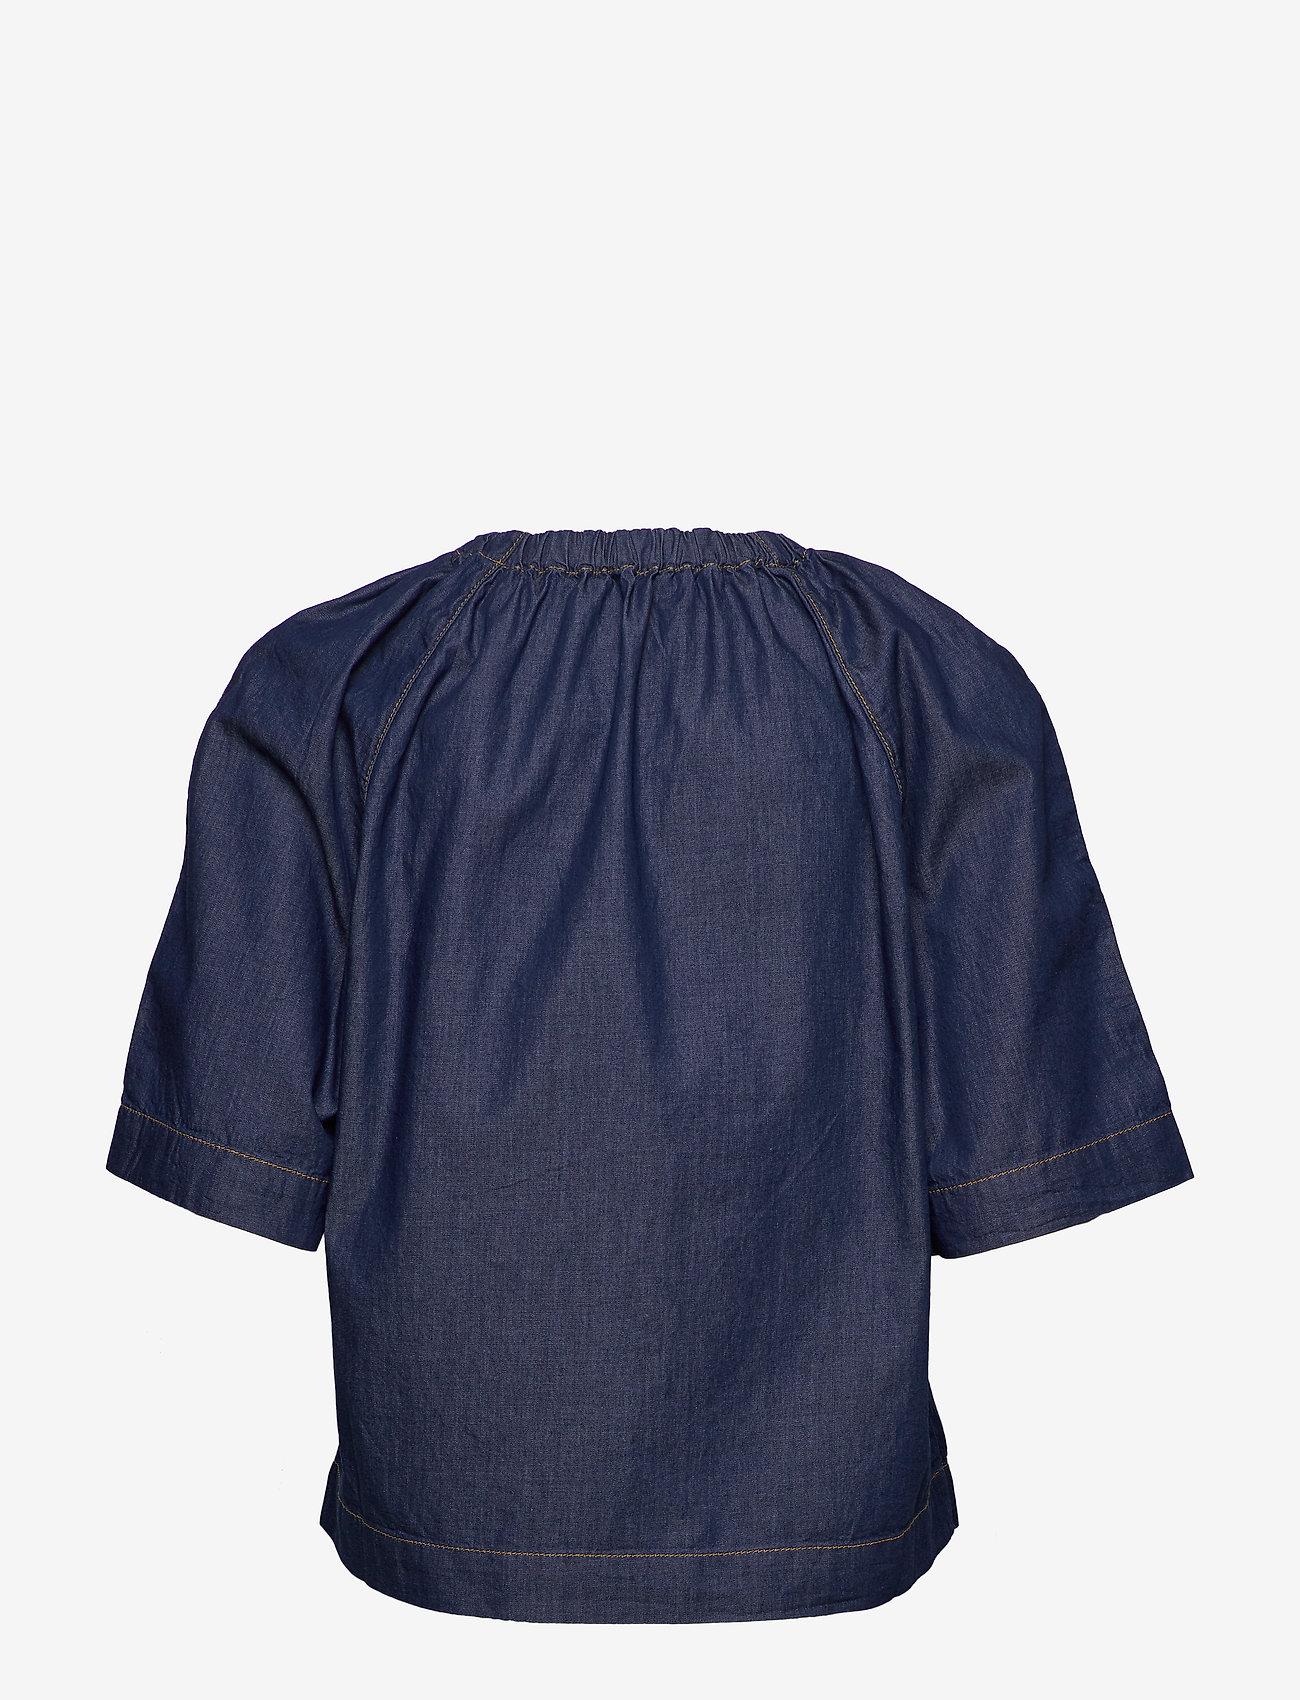 InWear - MinneIW Blouse - bluzki z krótkim rękawem - rinsewash - 1